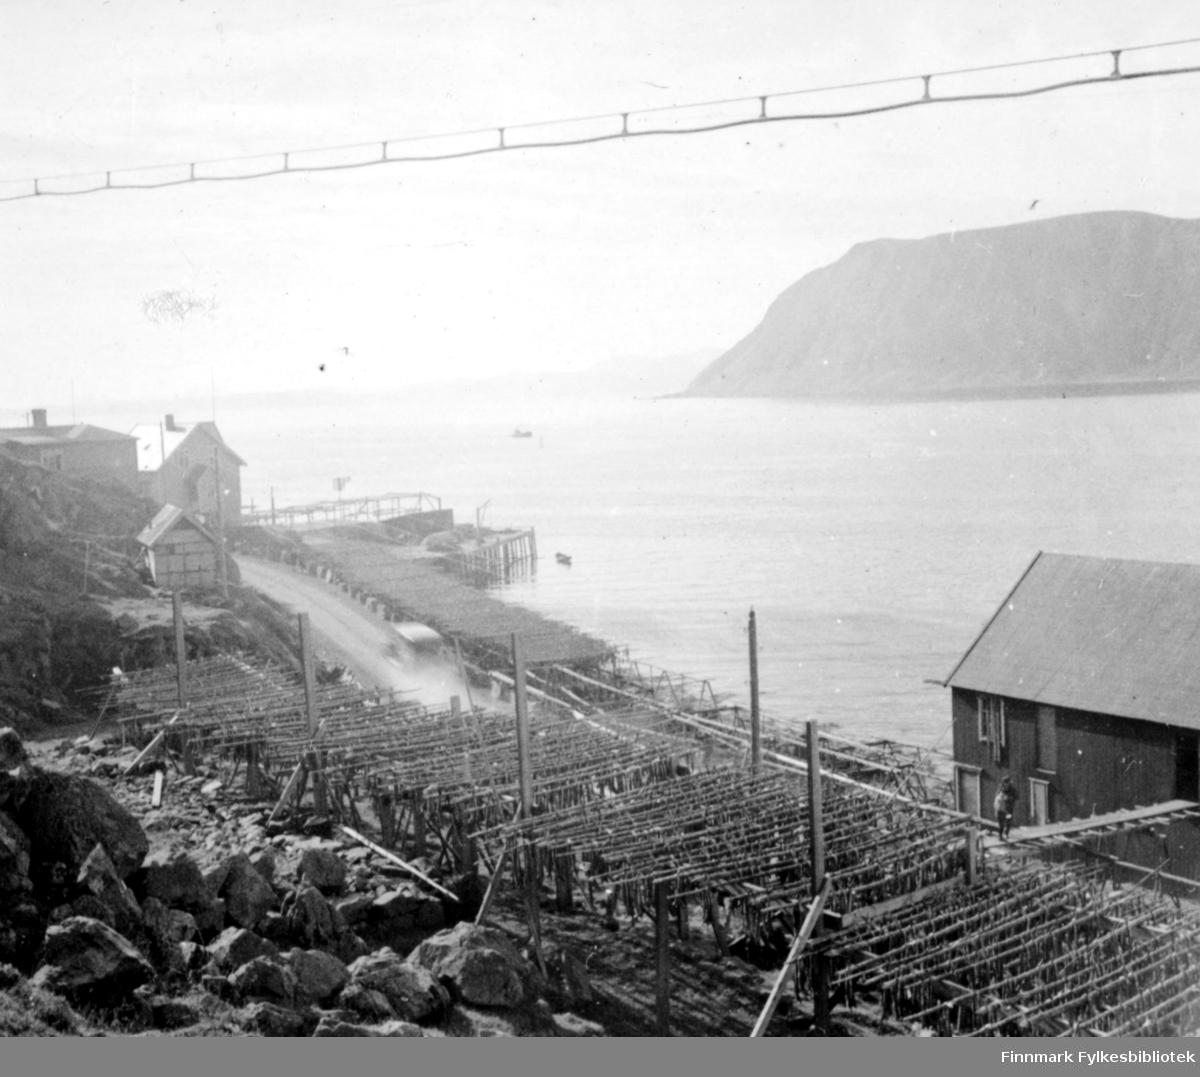 Landskapsbilde fotografert fra Honningsvåg. Foran på bildet fiskehjeller med fisk, noen bebyggelser og kai. Bildet er identisk med det førrige bildet men på veien kjør det en bil. Bildet er et stereobilde.  .